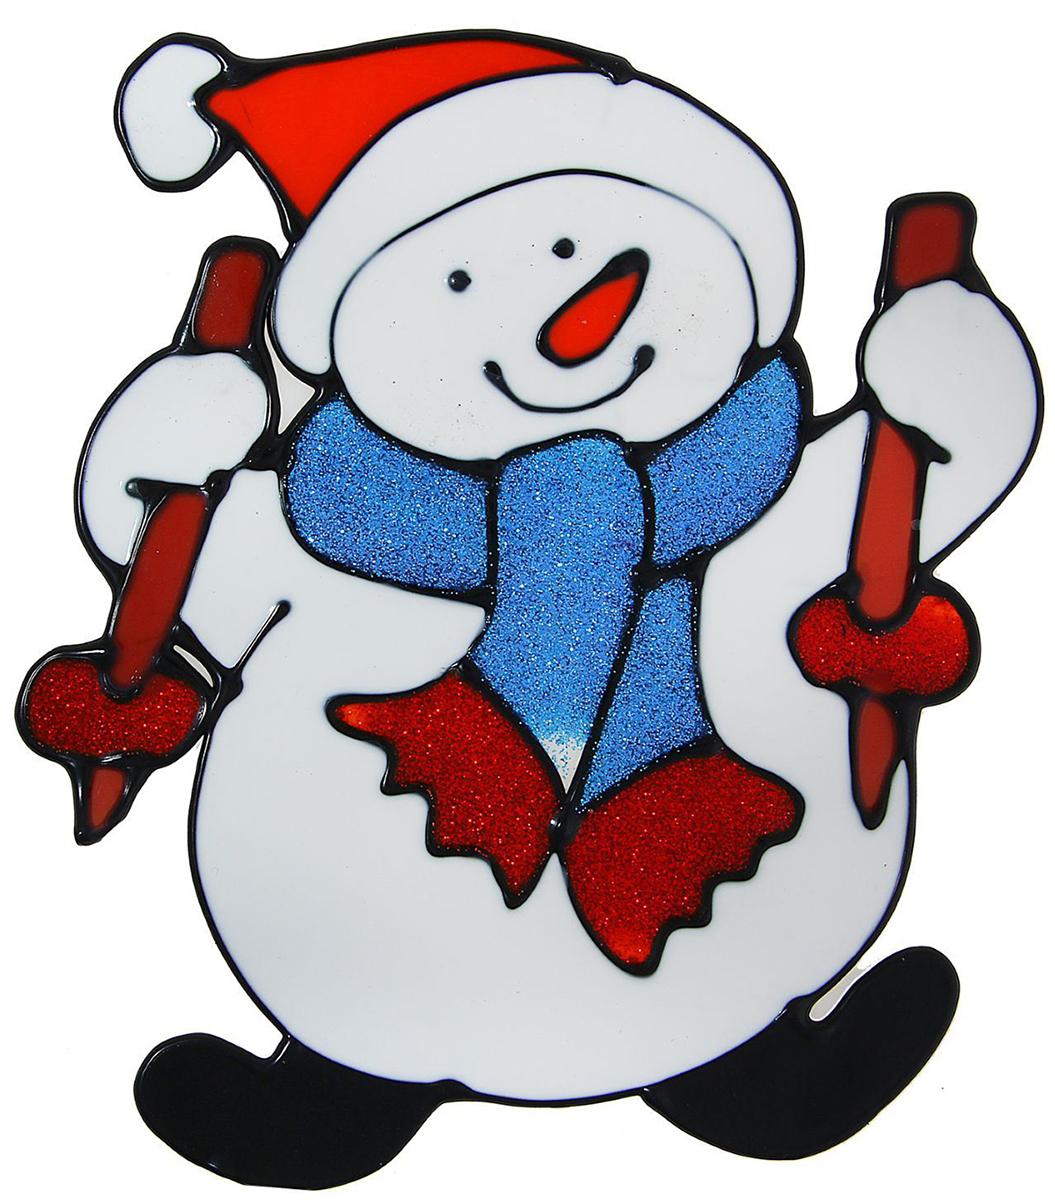 Наклейка на стекло Снеговик лыжник1113566Зимой не только мороз украшает стекла узорами. Сделайте интерьер еще торжественней: преобразите его с помощью специальных наклеек! Декор из силикона не содержит клей и не оставляет следов. Пластичная фигурка сама прилипает к гладкой поверхности, а в конце зимних праздников ее легко снять и отложить до следующего года. Прикрепите на стекло или зеркало одно украшение или создайте целую композицию. Новогодние наклейки приблизят праздничное настроение!